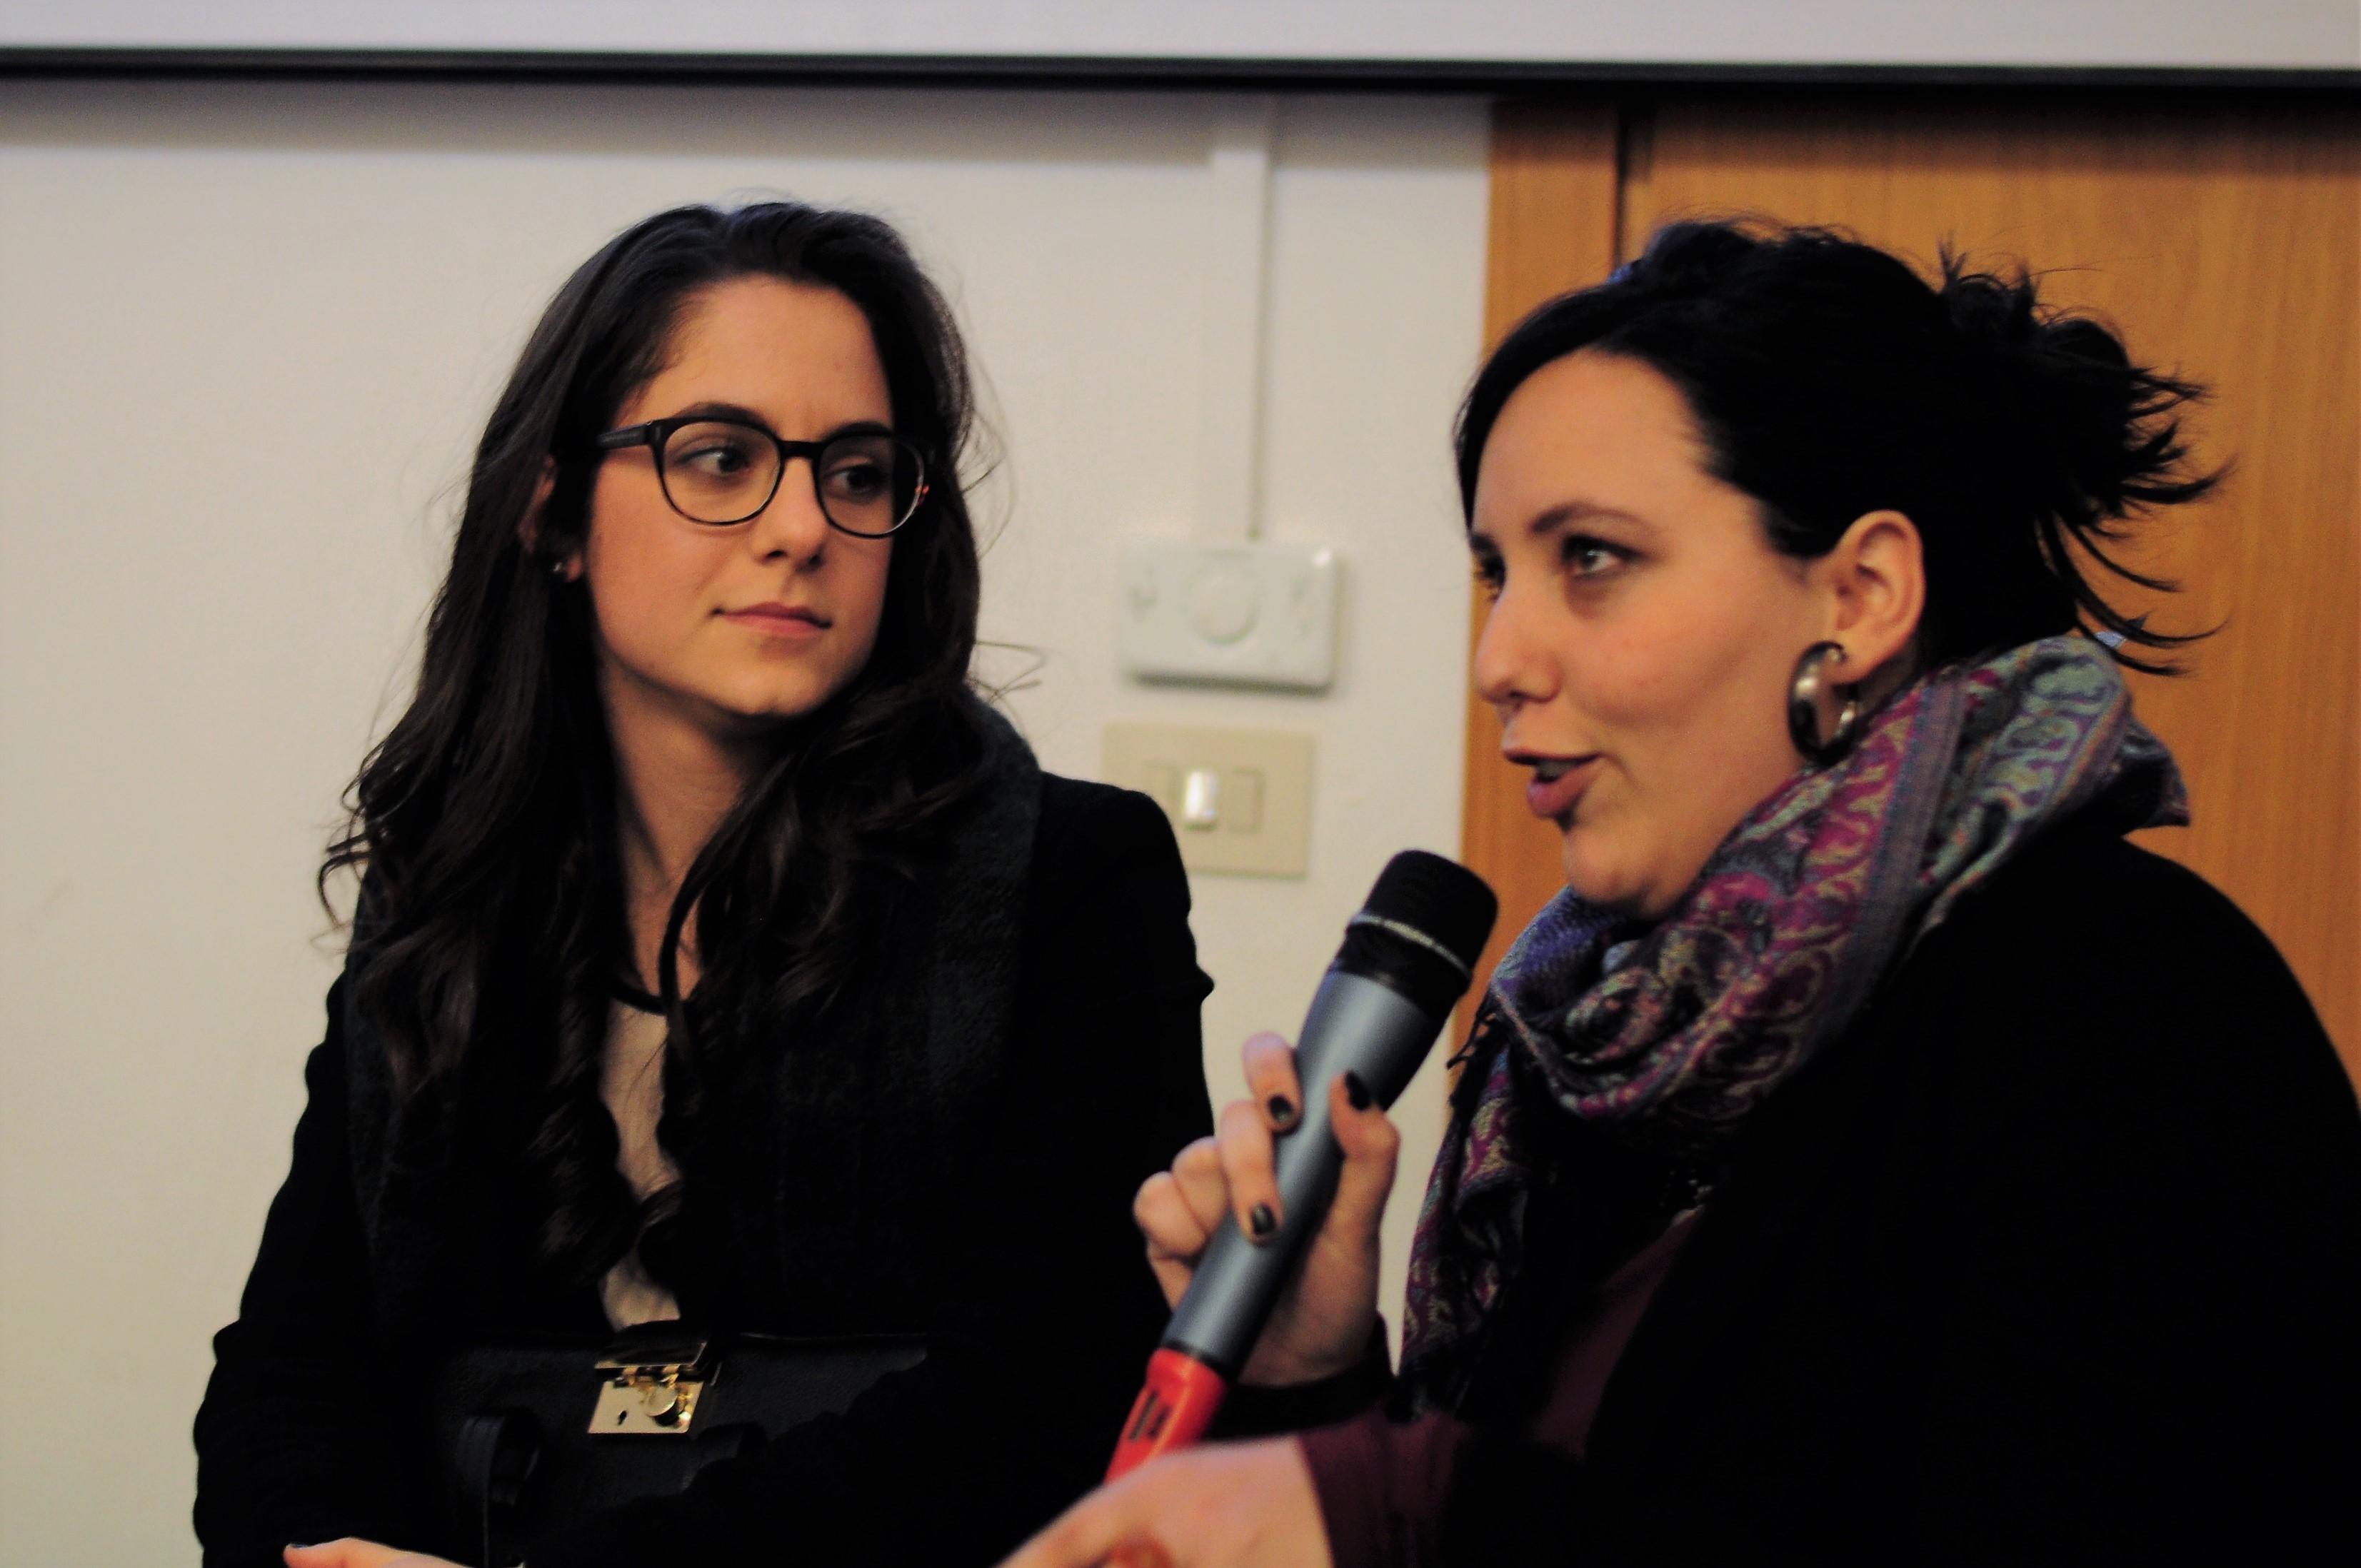 Prima tappa di #Giovanisìtour17 a Pontedera (PI): i contributi <div class='giovanisi-subtitle'>Rivivi l&#039;evento con video, foto e social </div>